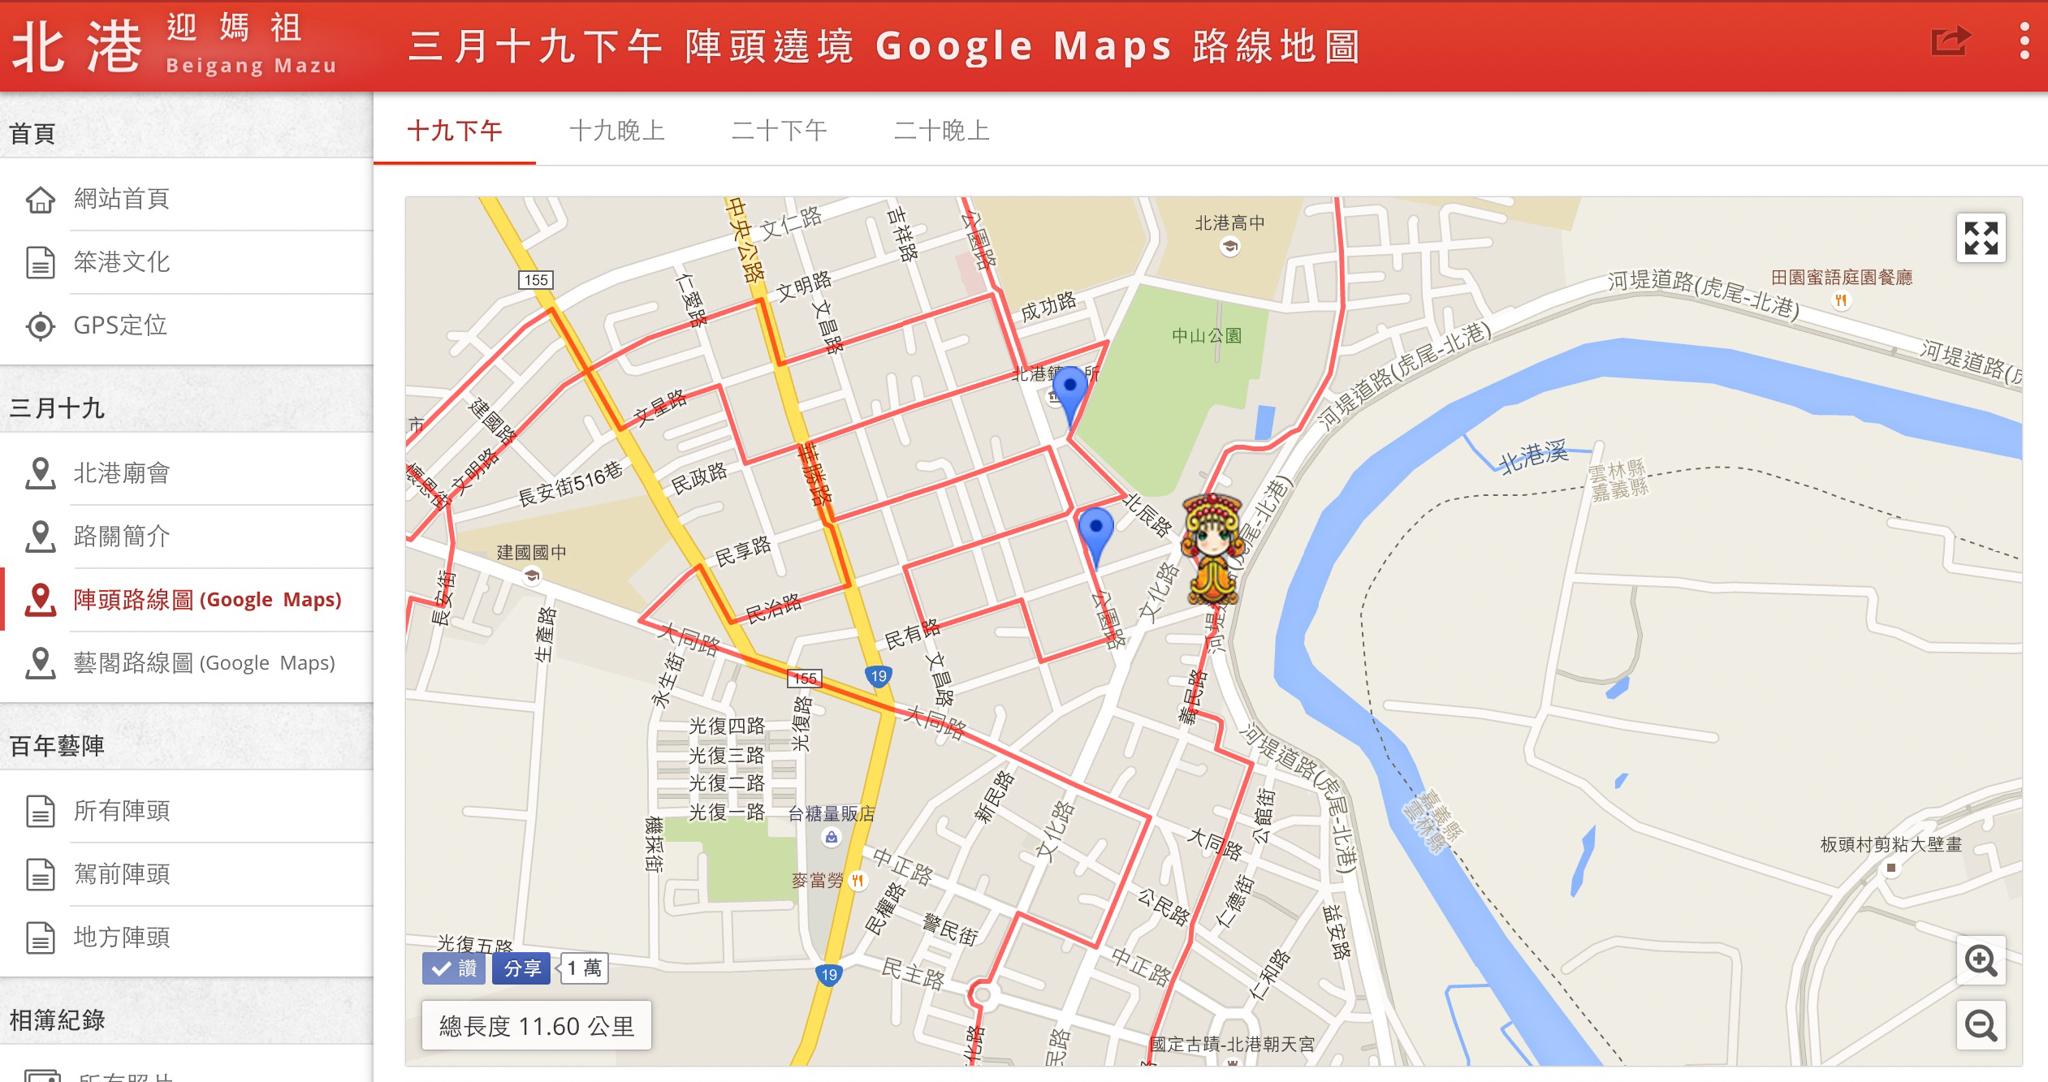 整個網站的主軸,利用 Google Maps JavaScript API 來繪製動態的遶境路線圖,並且以動畫來意會活動當天的動線